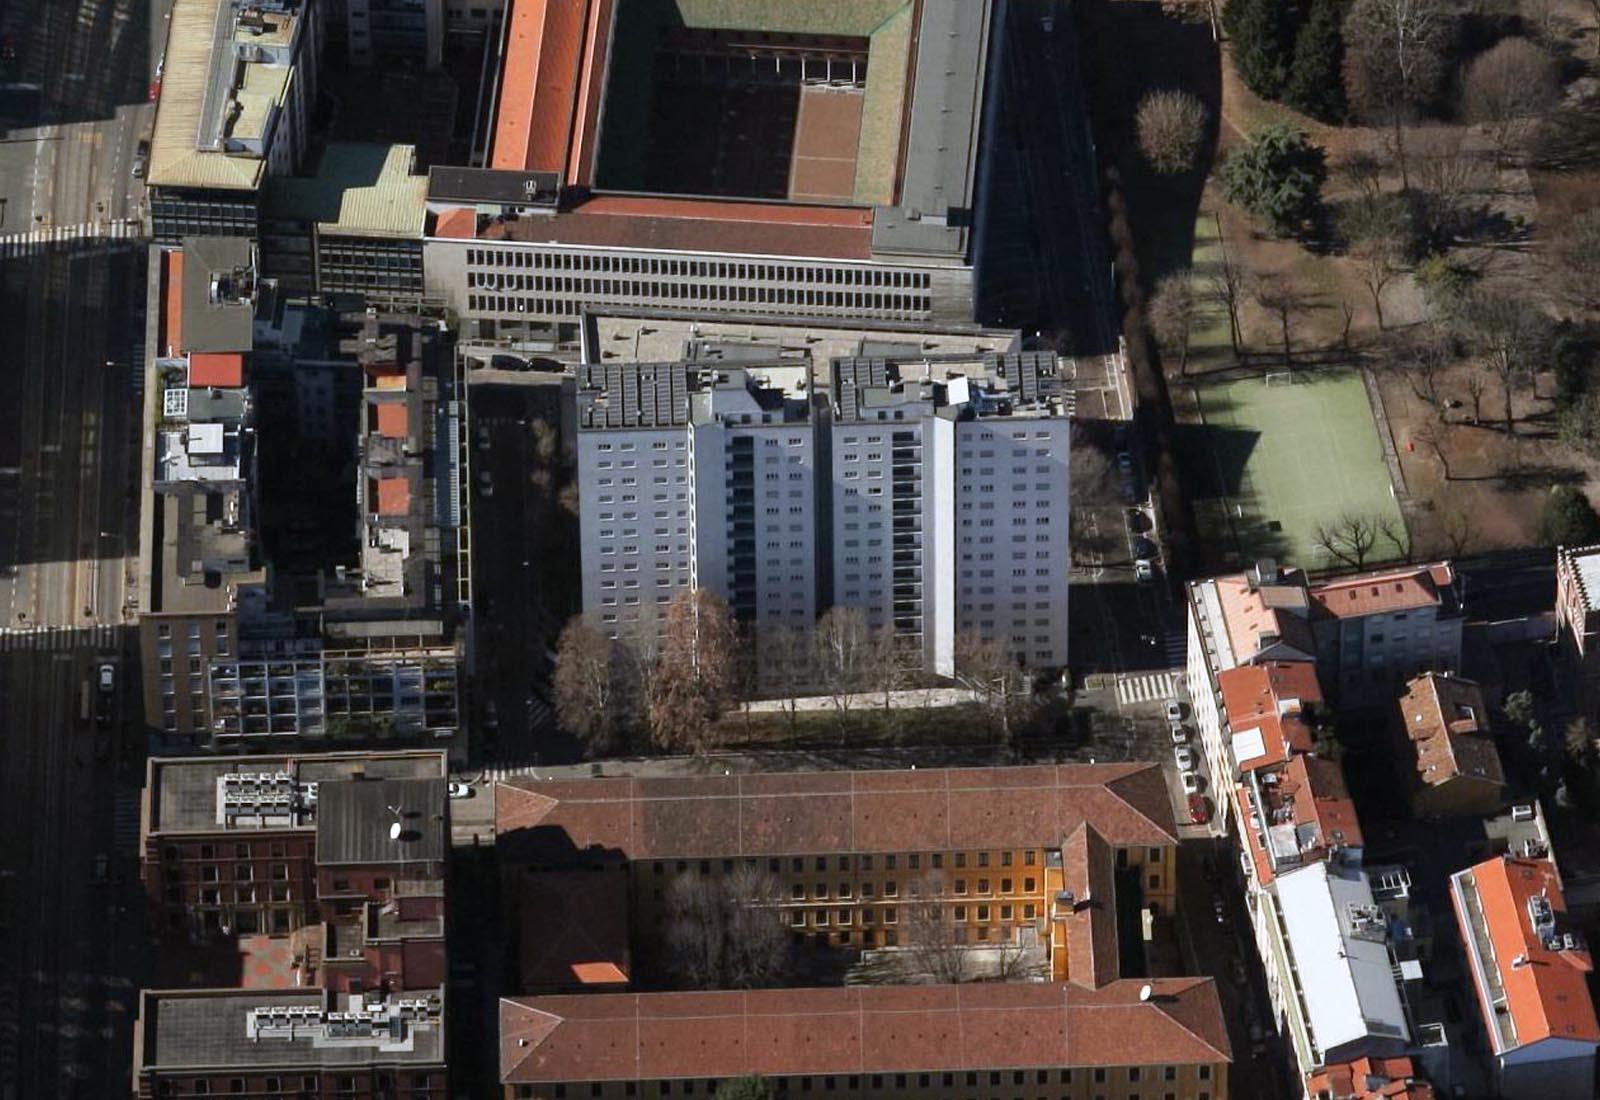 Residenza universitaria di via Corridoni - Vista aerea delle torri A e B